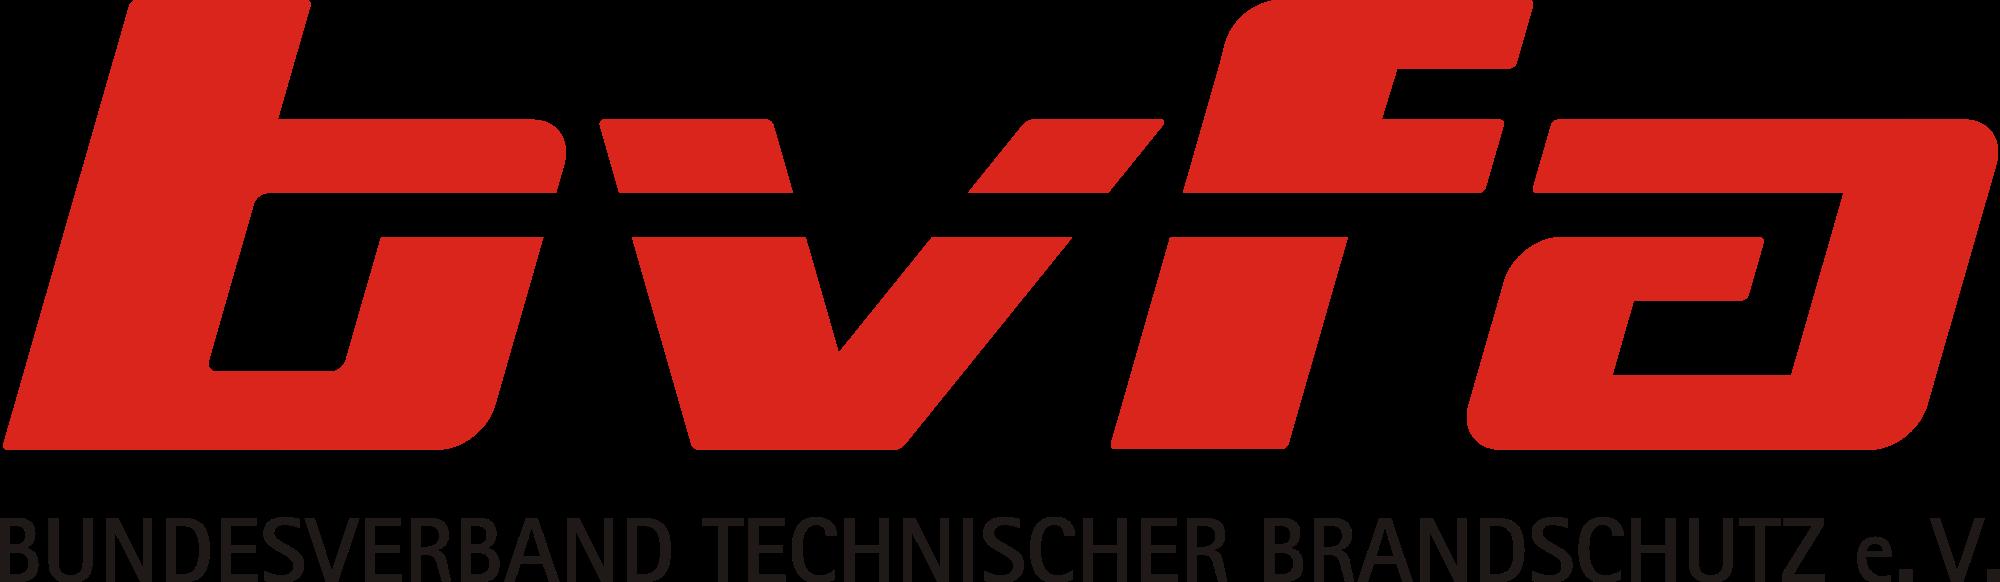 Bundesverband Technischer Brandschutz